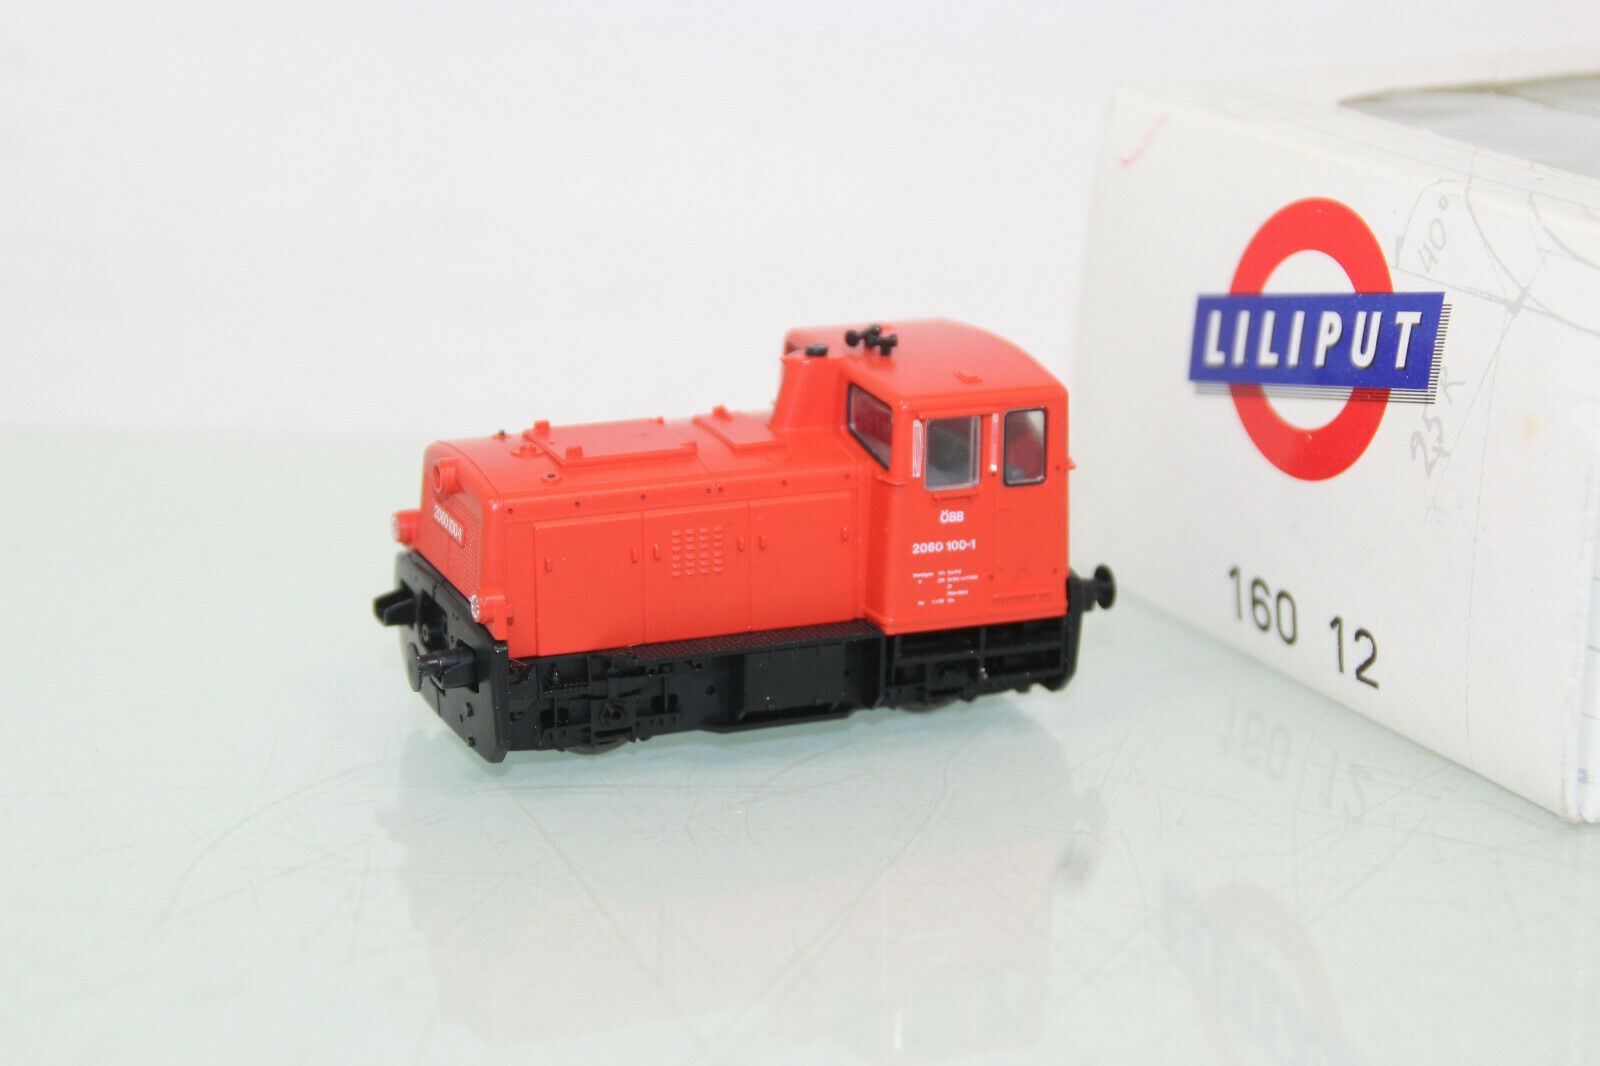 Liliput h0 160 12 diesel-avanza br 2060 100-1 ÖBB en embalaje original (cl1734)